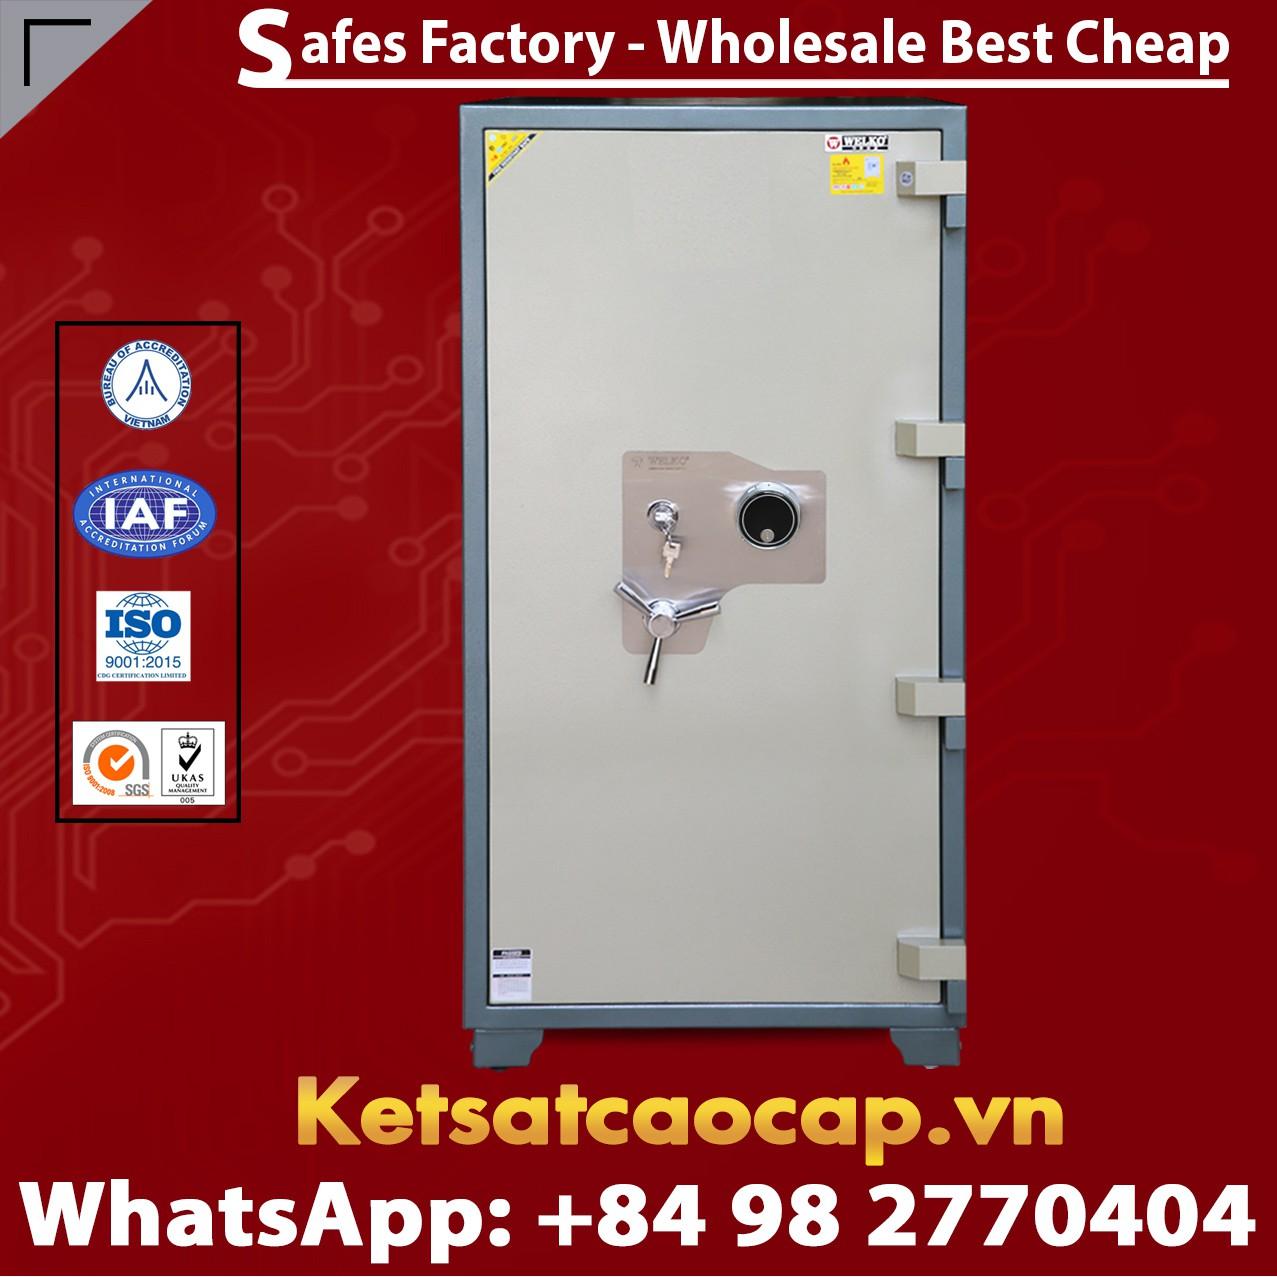 Premium Safe Box WELKO US1510 DK